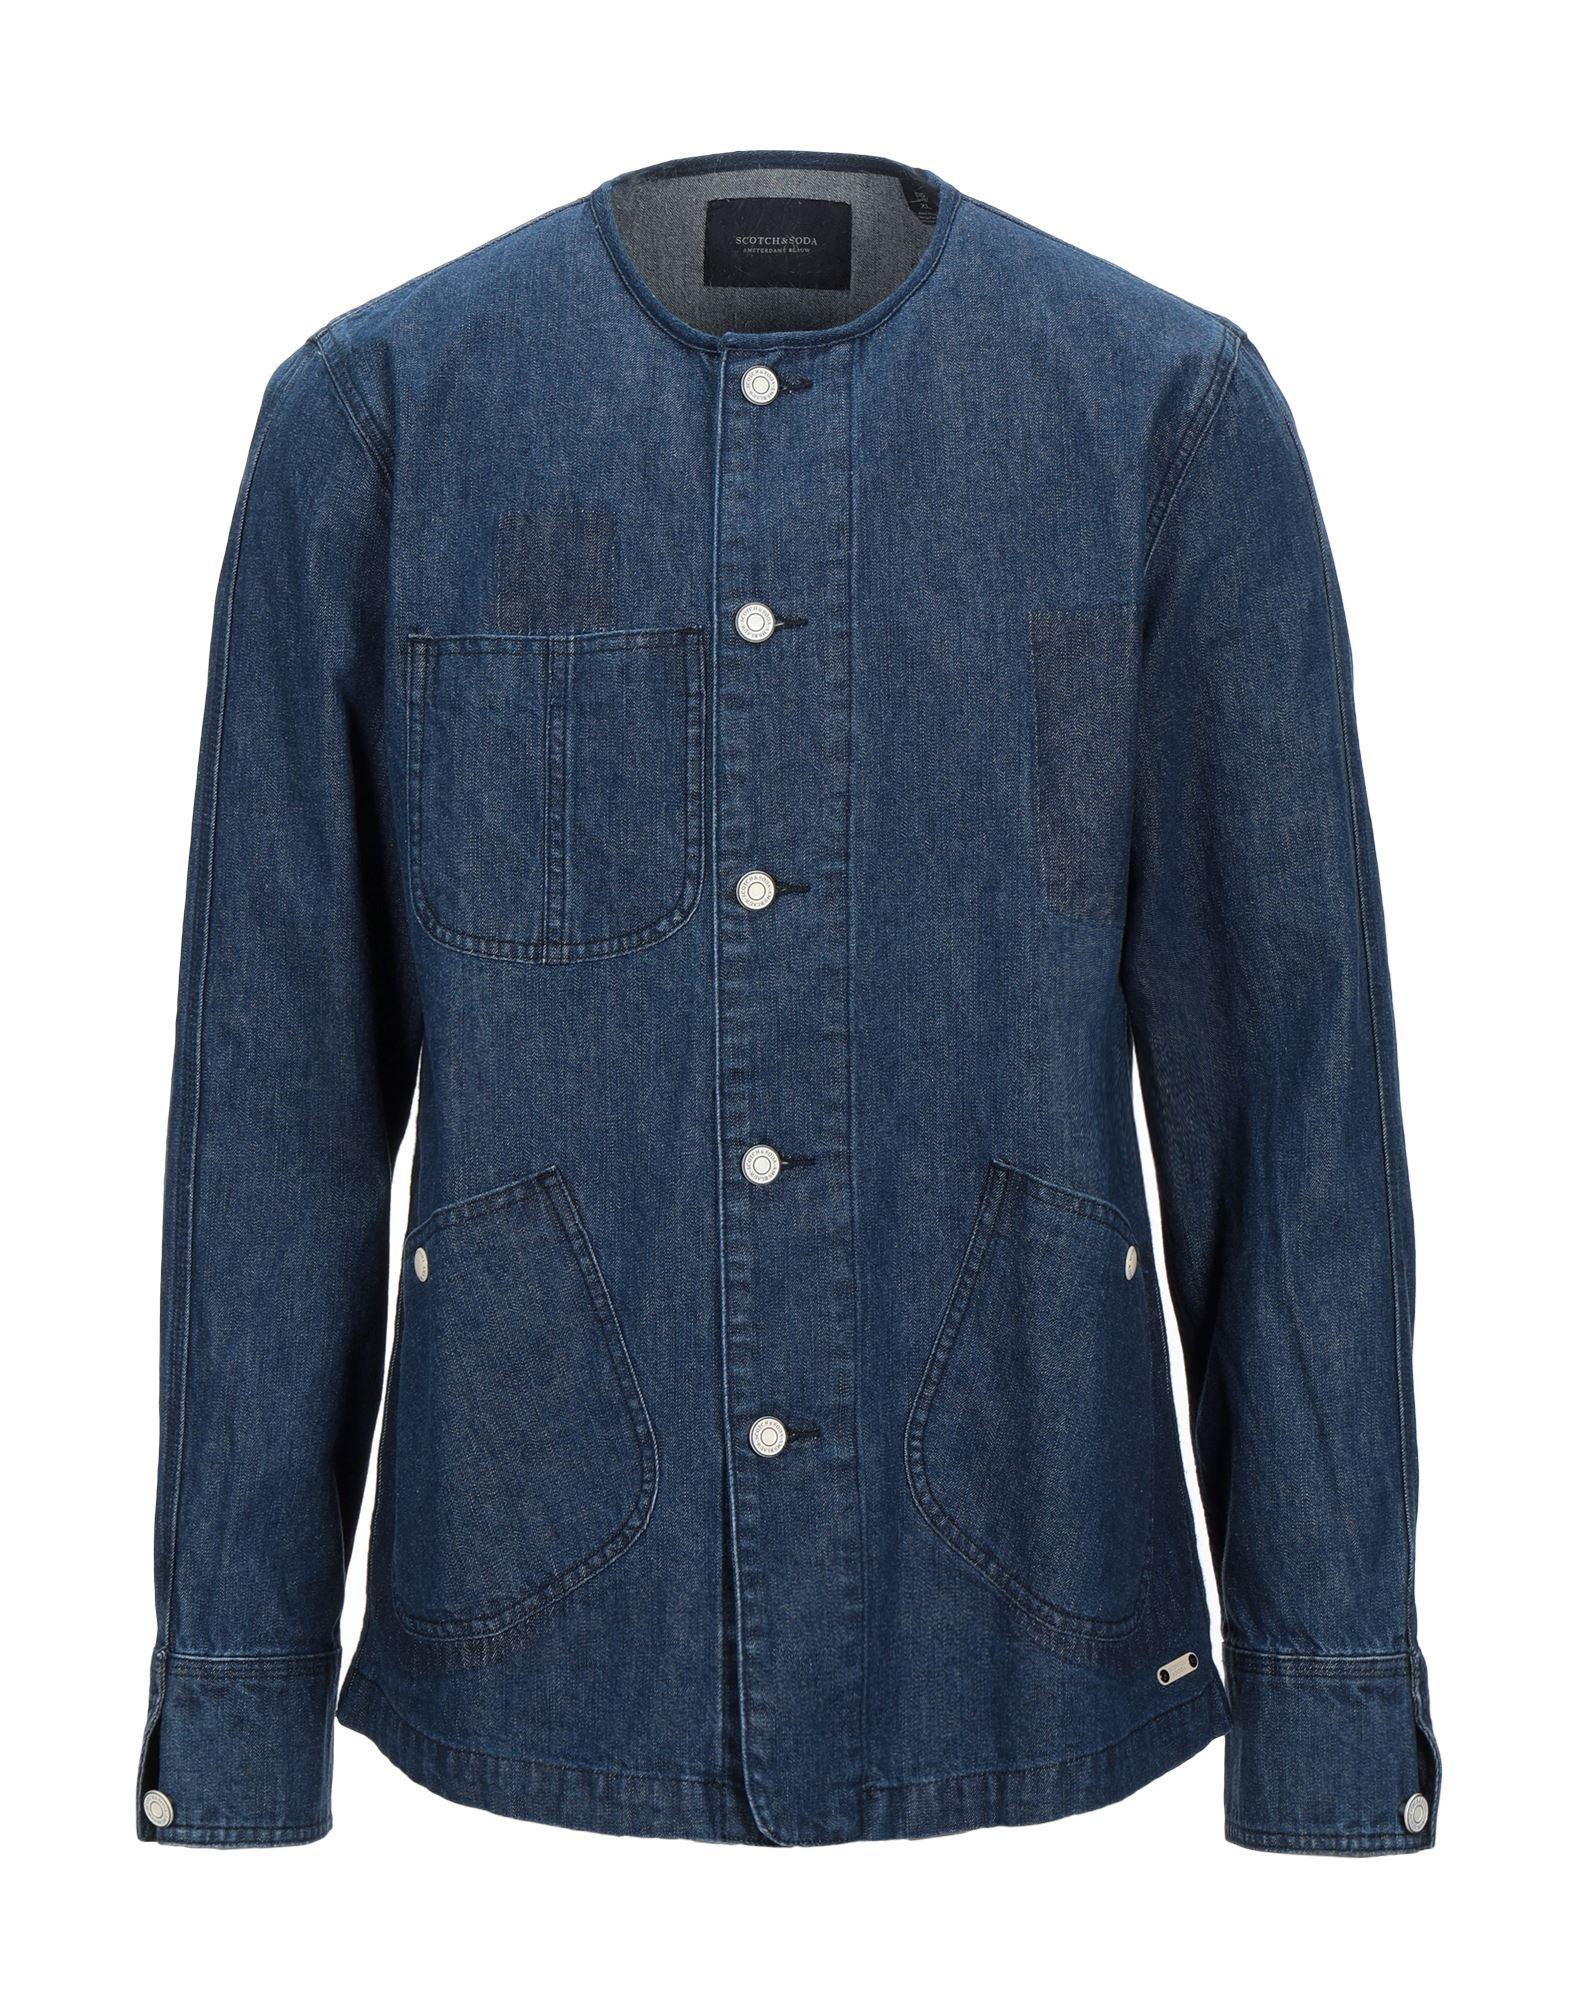 Фото - SCOTCH & SODA Джинсовая верхняя одежда wesc джинсовая верхняя одежда